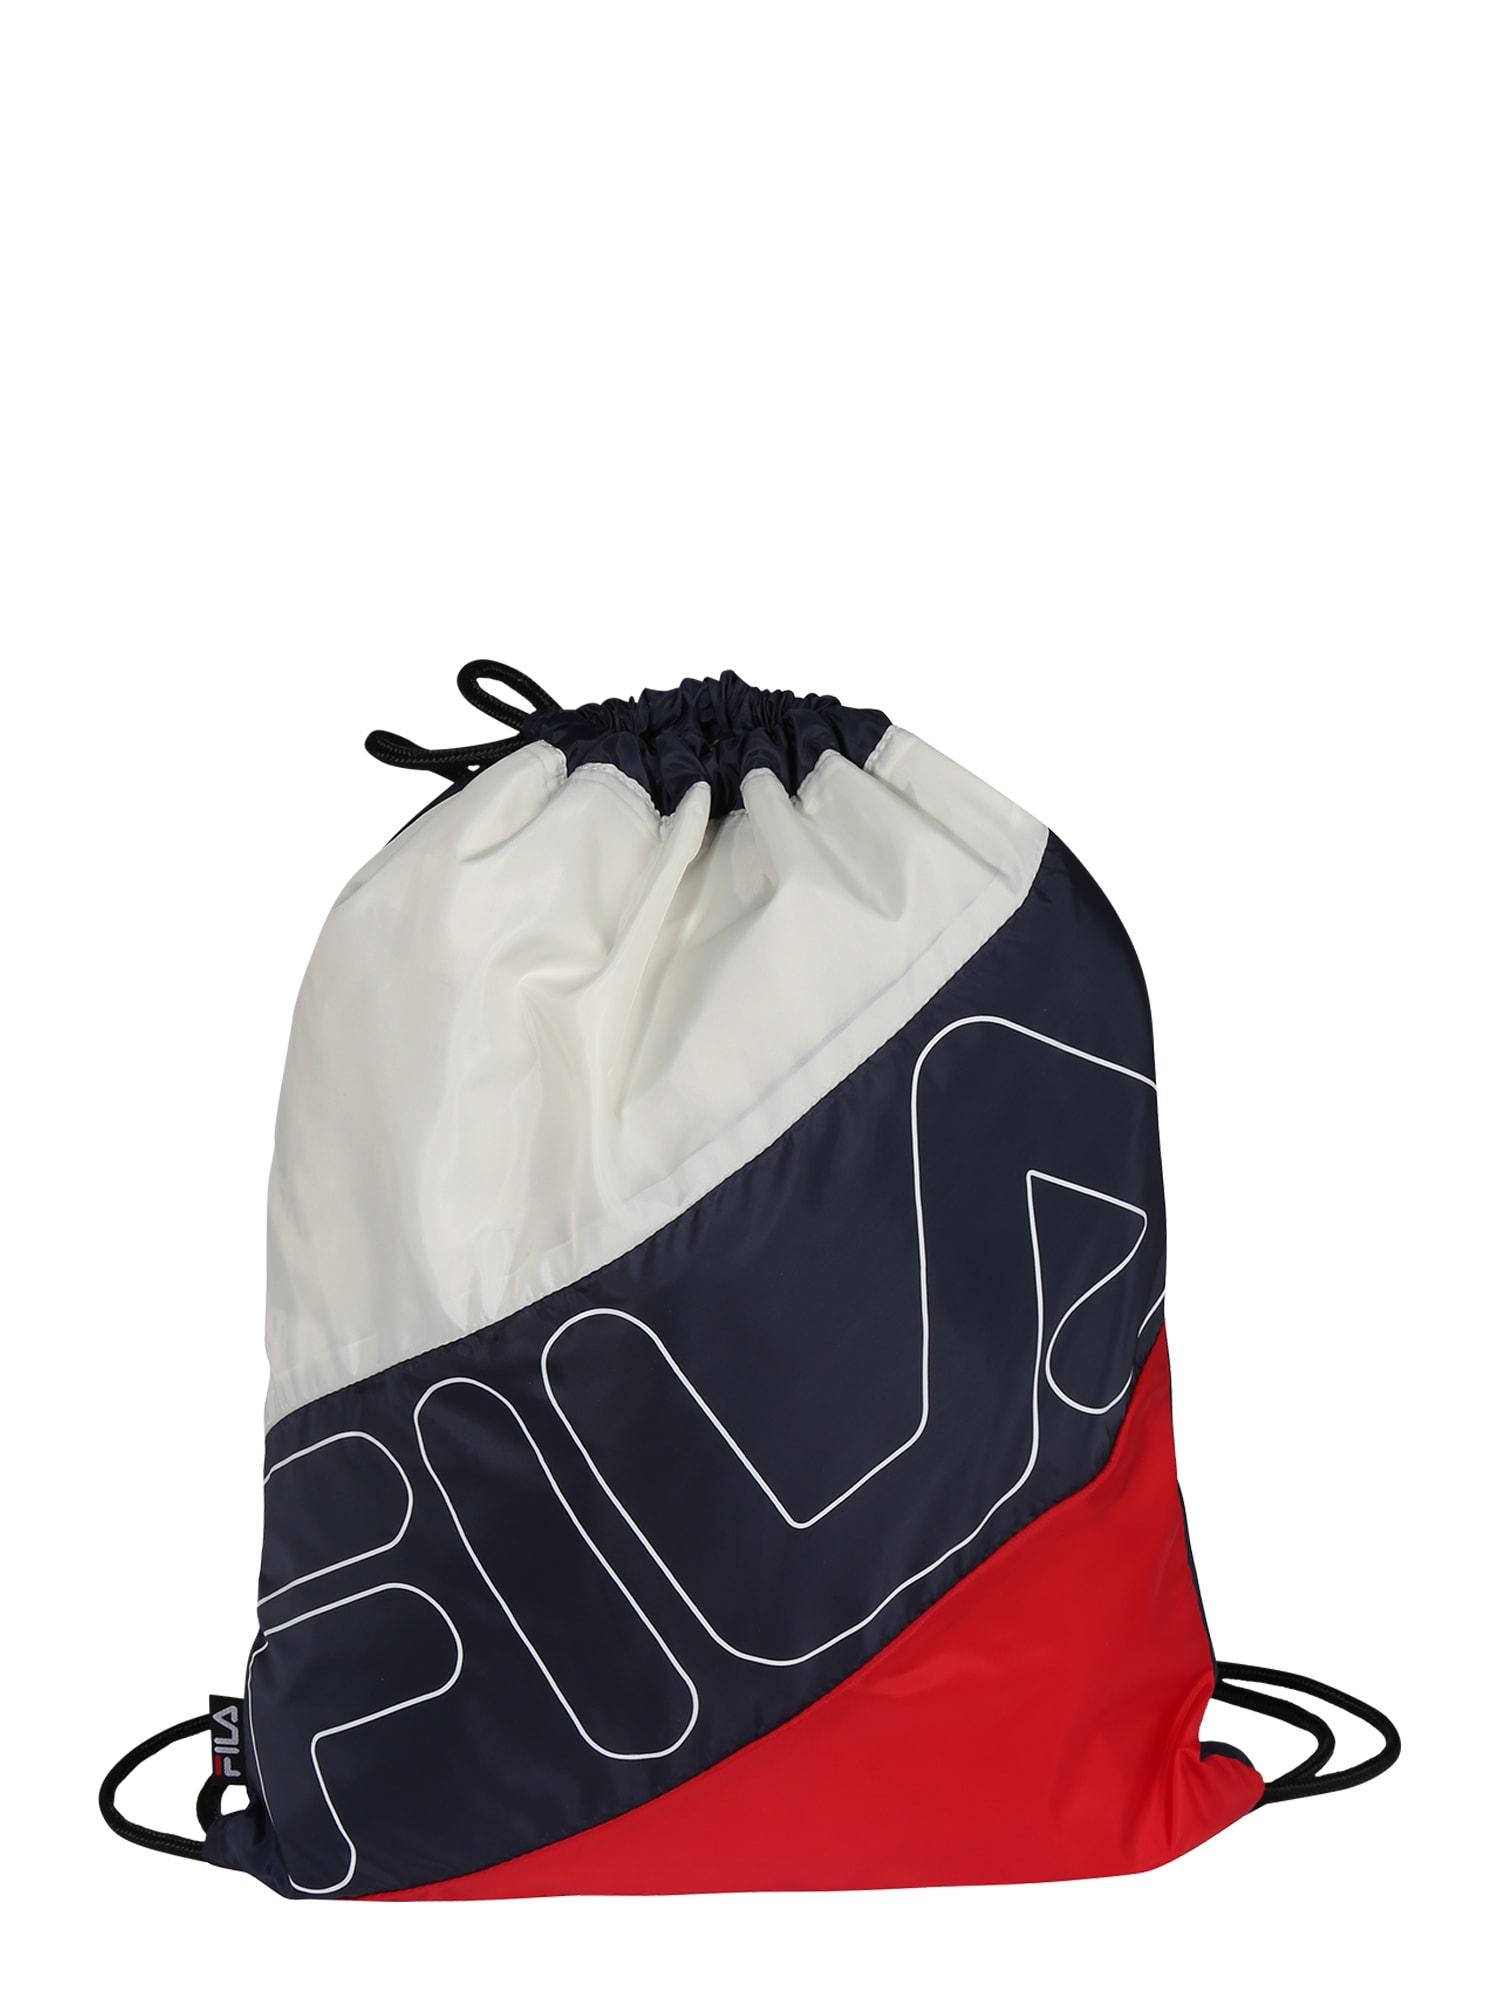 FILA Sportinė kuprinė 'ROSSO' juoda / balta / raudona